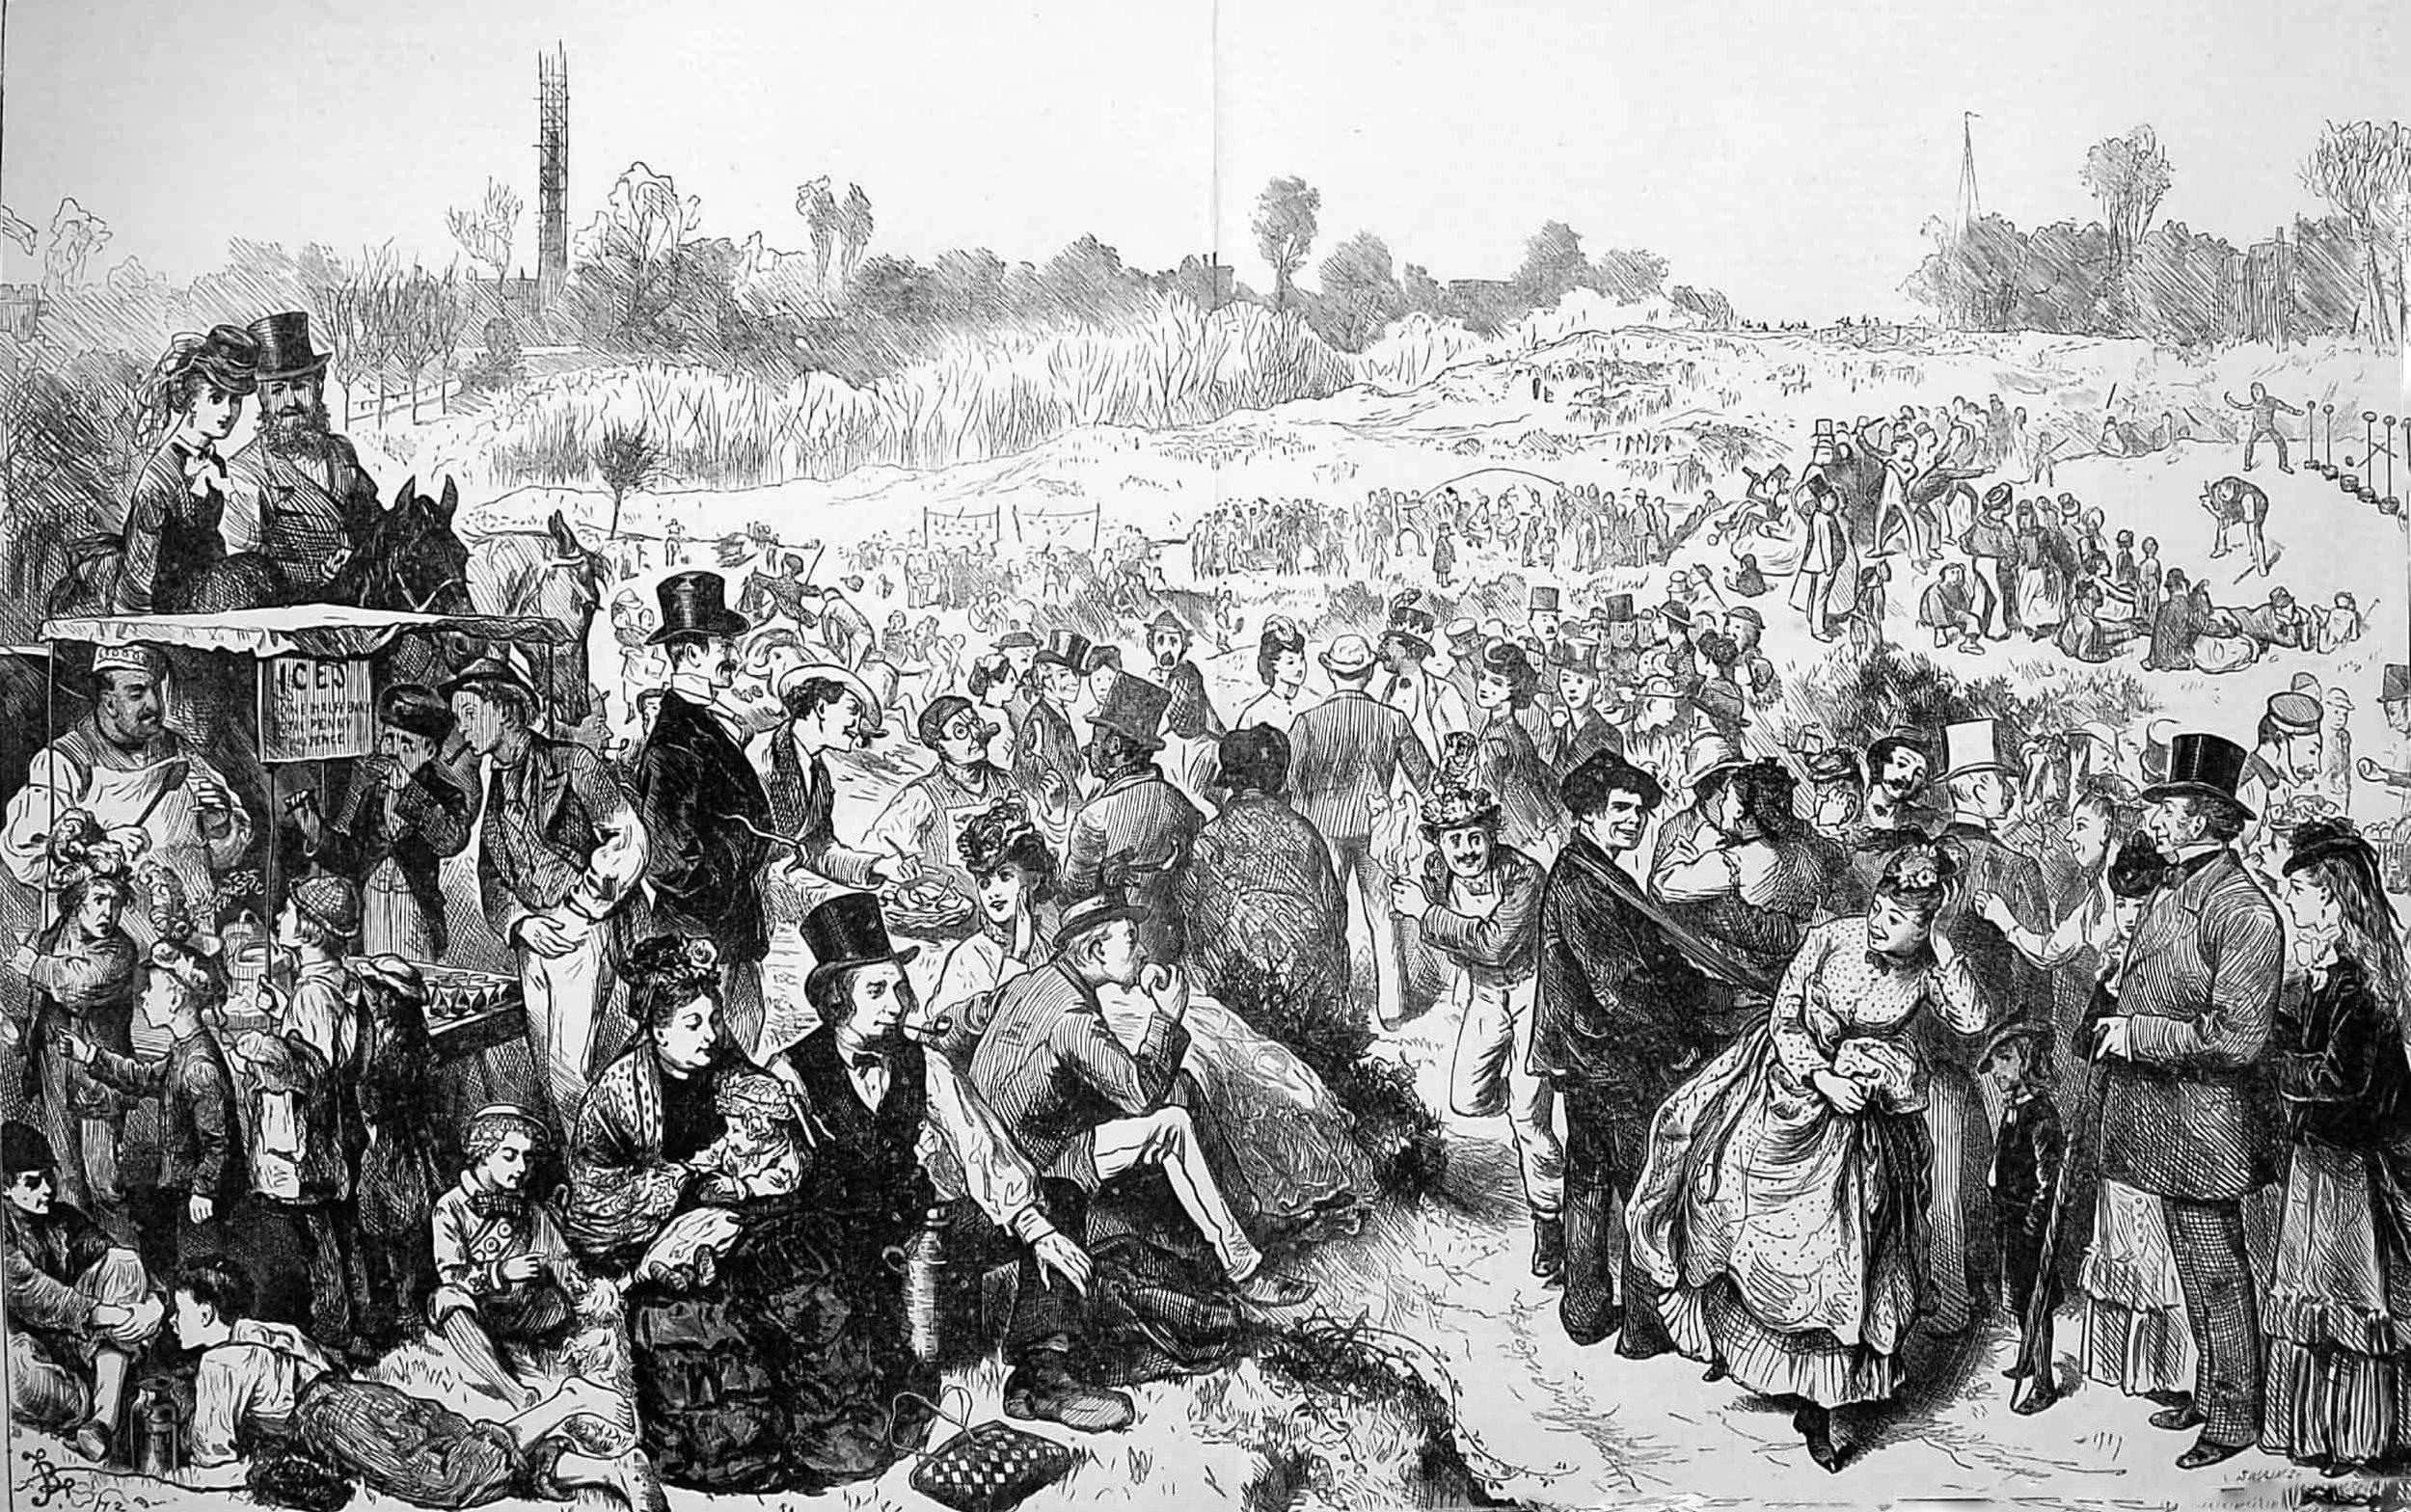 Ice creams at the Hampstead Heath fair, 1872